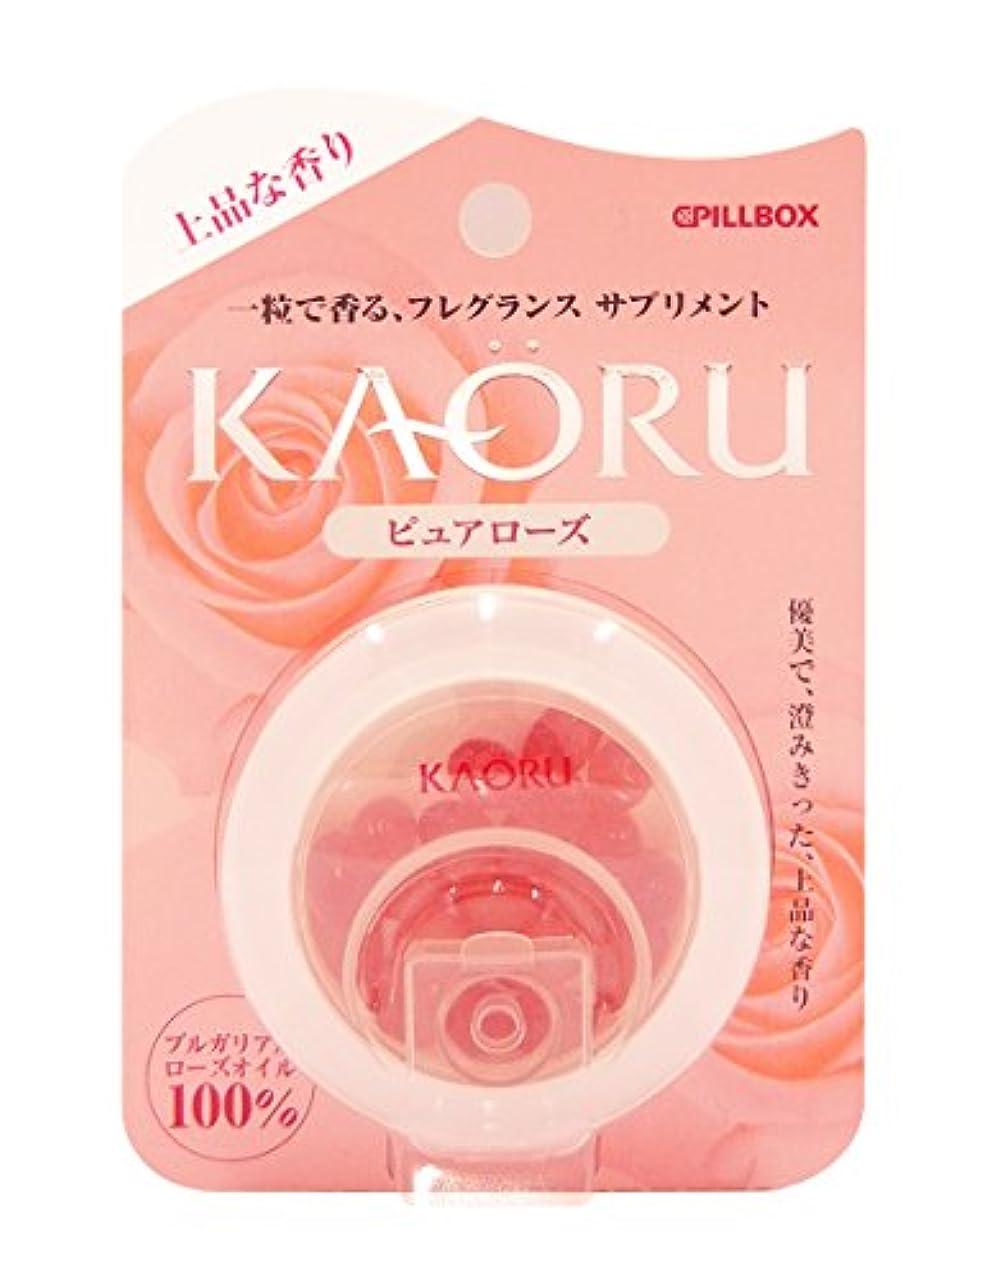 クラッシュ引き出し腰フレグランスサプリメント KAORU (ピュアローズ)